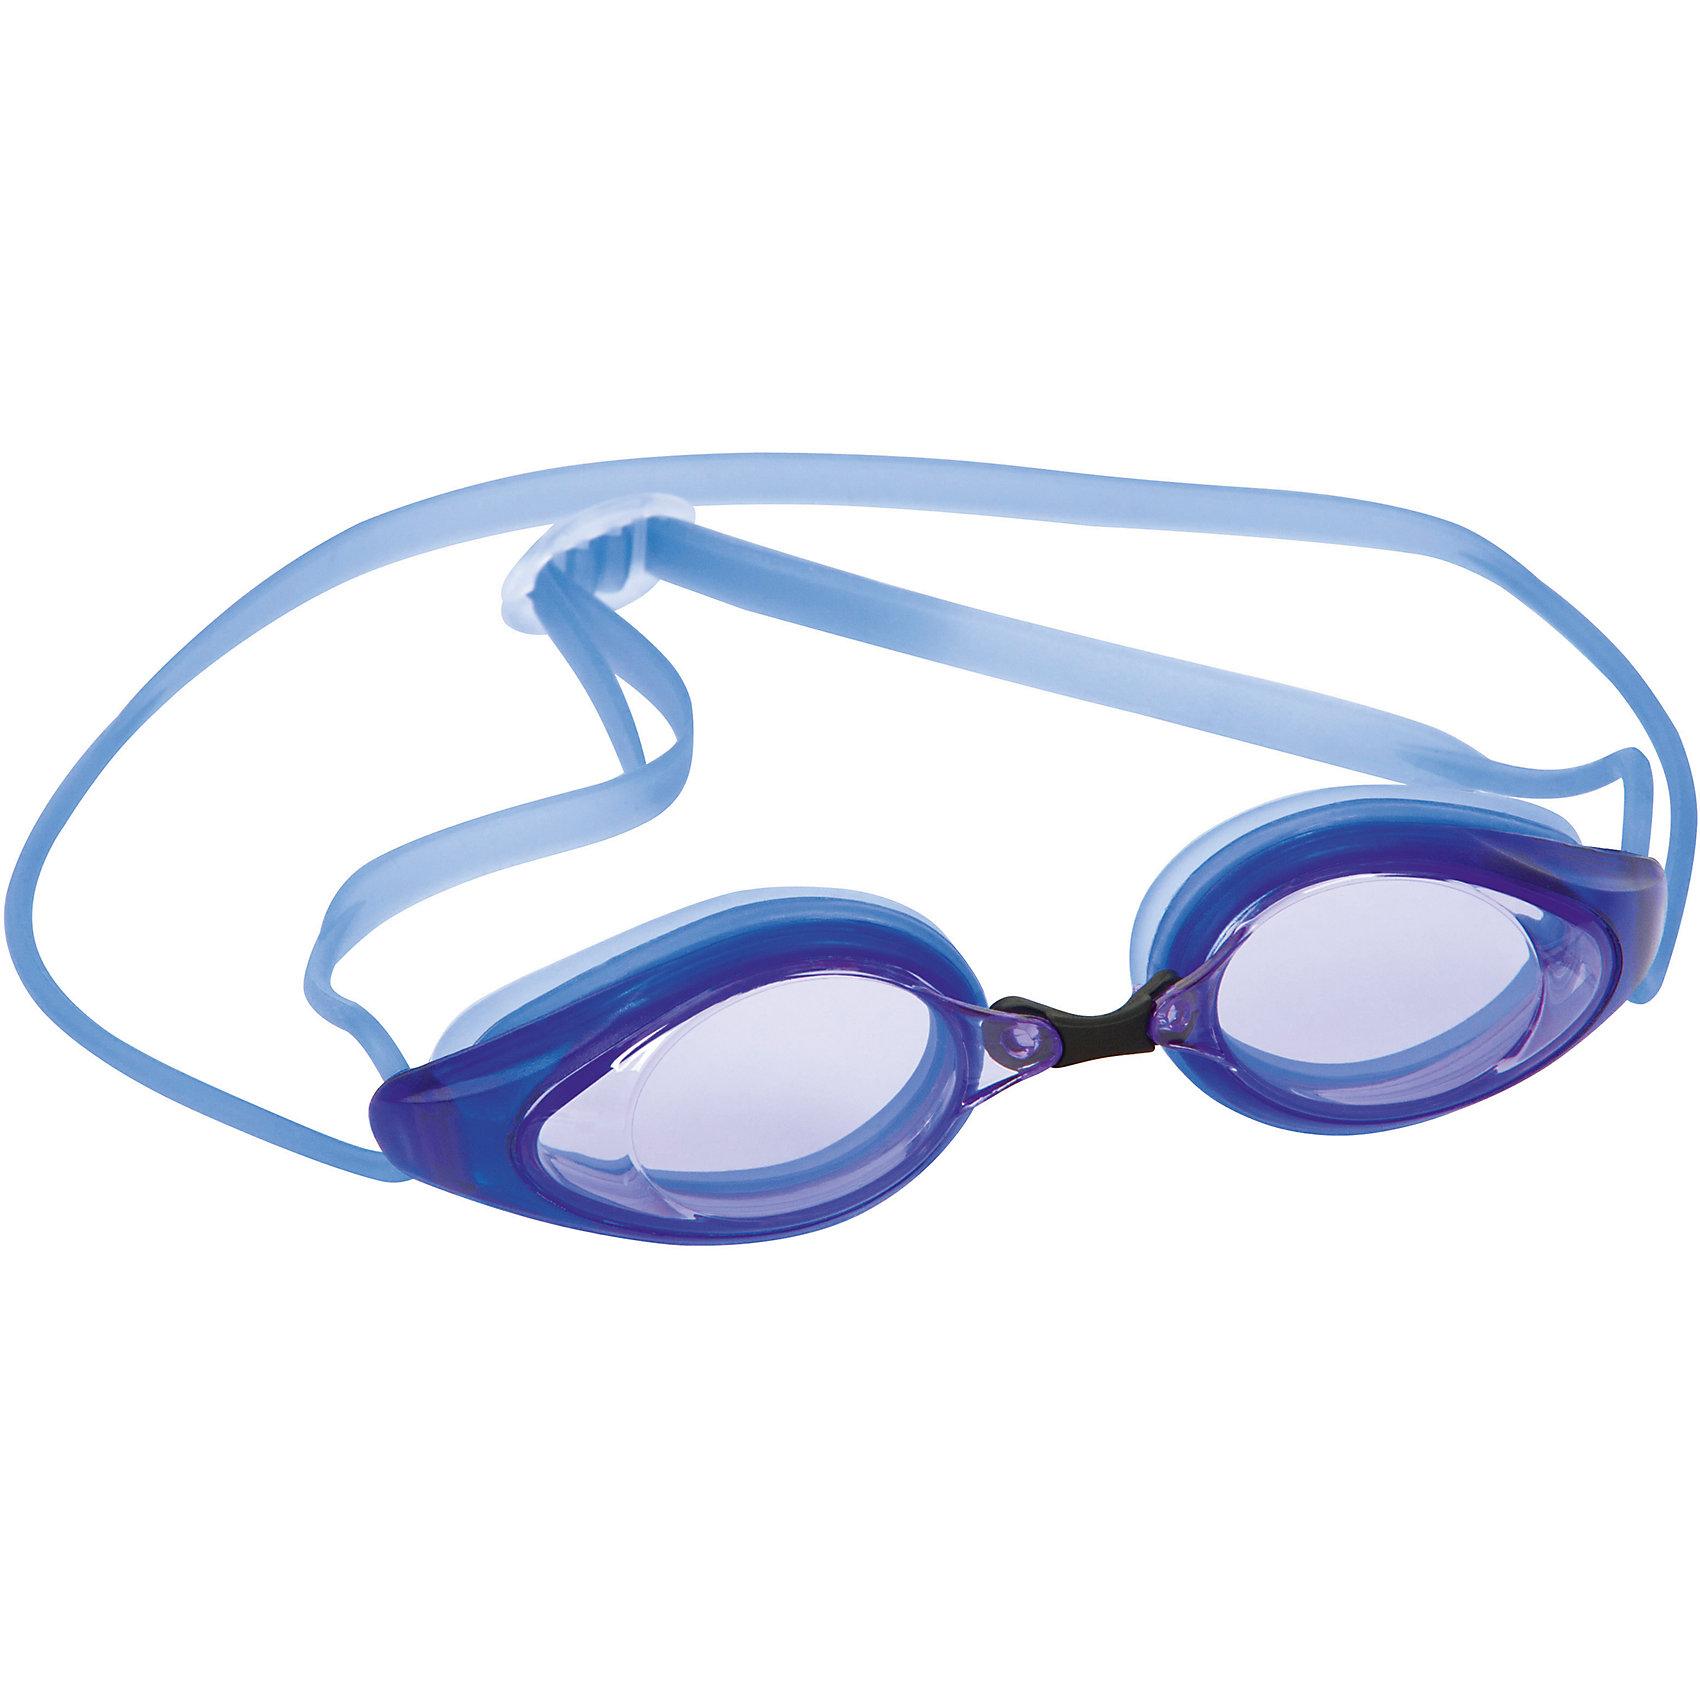 Очки для плавания Razorlite Race для взрослых, Bestway, синиеОчки, маски, ласты, шапочки<br>Характеристики товара:<br><br>• возраст от 14 лет;<br>• материал: силикон, поликарбонат;<br>• размер упаковки 18х6х5 см;<br>• вес упаковки 40 гр.;<br>• страна производитель: Китай.<br><br>Очки для плавания Bestway Razorlite Race синие подойдут как для активного отдыха на природе, так и для занятий плаванием в бассейне. Очки подойдут детям от 14 лет и взрослым. Оправа и переносица плотно прилегают к лицу, не пропуская воду внутрь. Линзы из поликарбоната обеспечивают хороший обзор во время плавания, а также защищают от вредных УФ-лучей. Регулируемый ремешок настраивается до необходимого размера.<br><br>Очки для плавания Bestway Razorlite Race синие можно приобрести в нашем интернет-магазине.<br><br>Ширина мм: 600<br>Глубина мм: 207<br>Высота мм: 540<br>Вес г: 105<br>Возраст от месяцев: 144<br>Возраст до месяцев: 2147483647<br>Пол: Унисекс<br>Возраст: Детский<br>SKU: 5613186